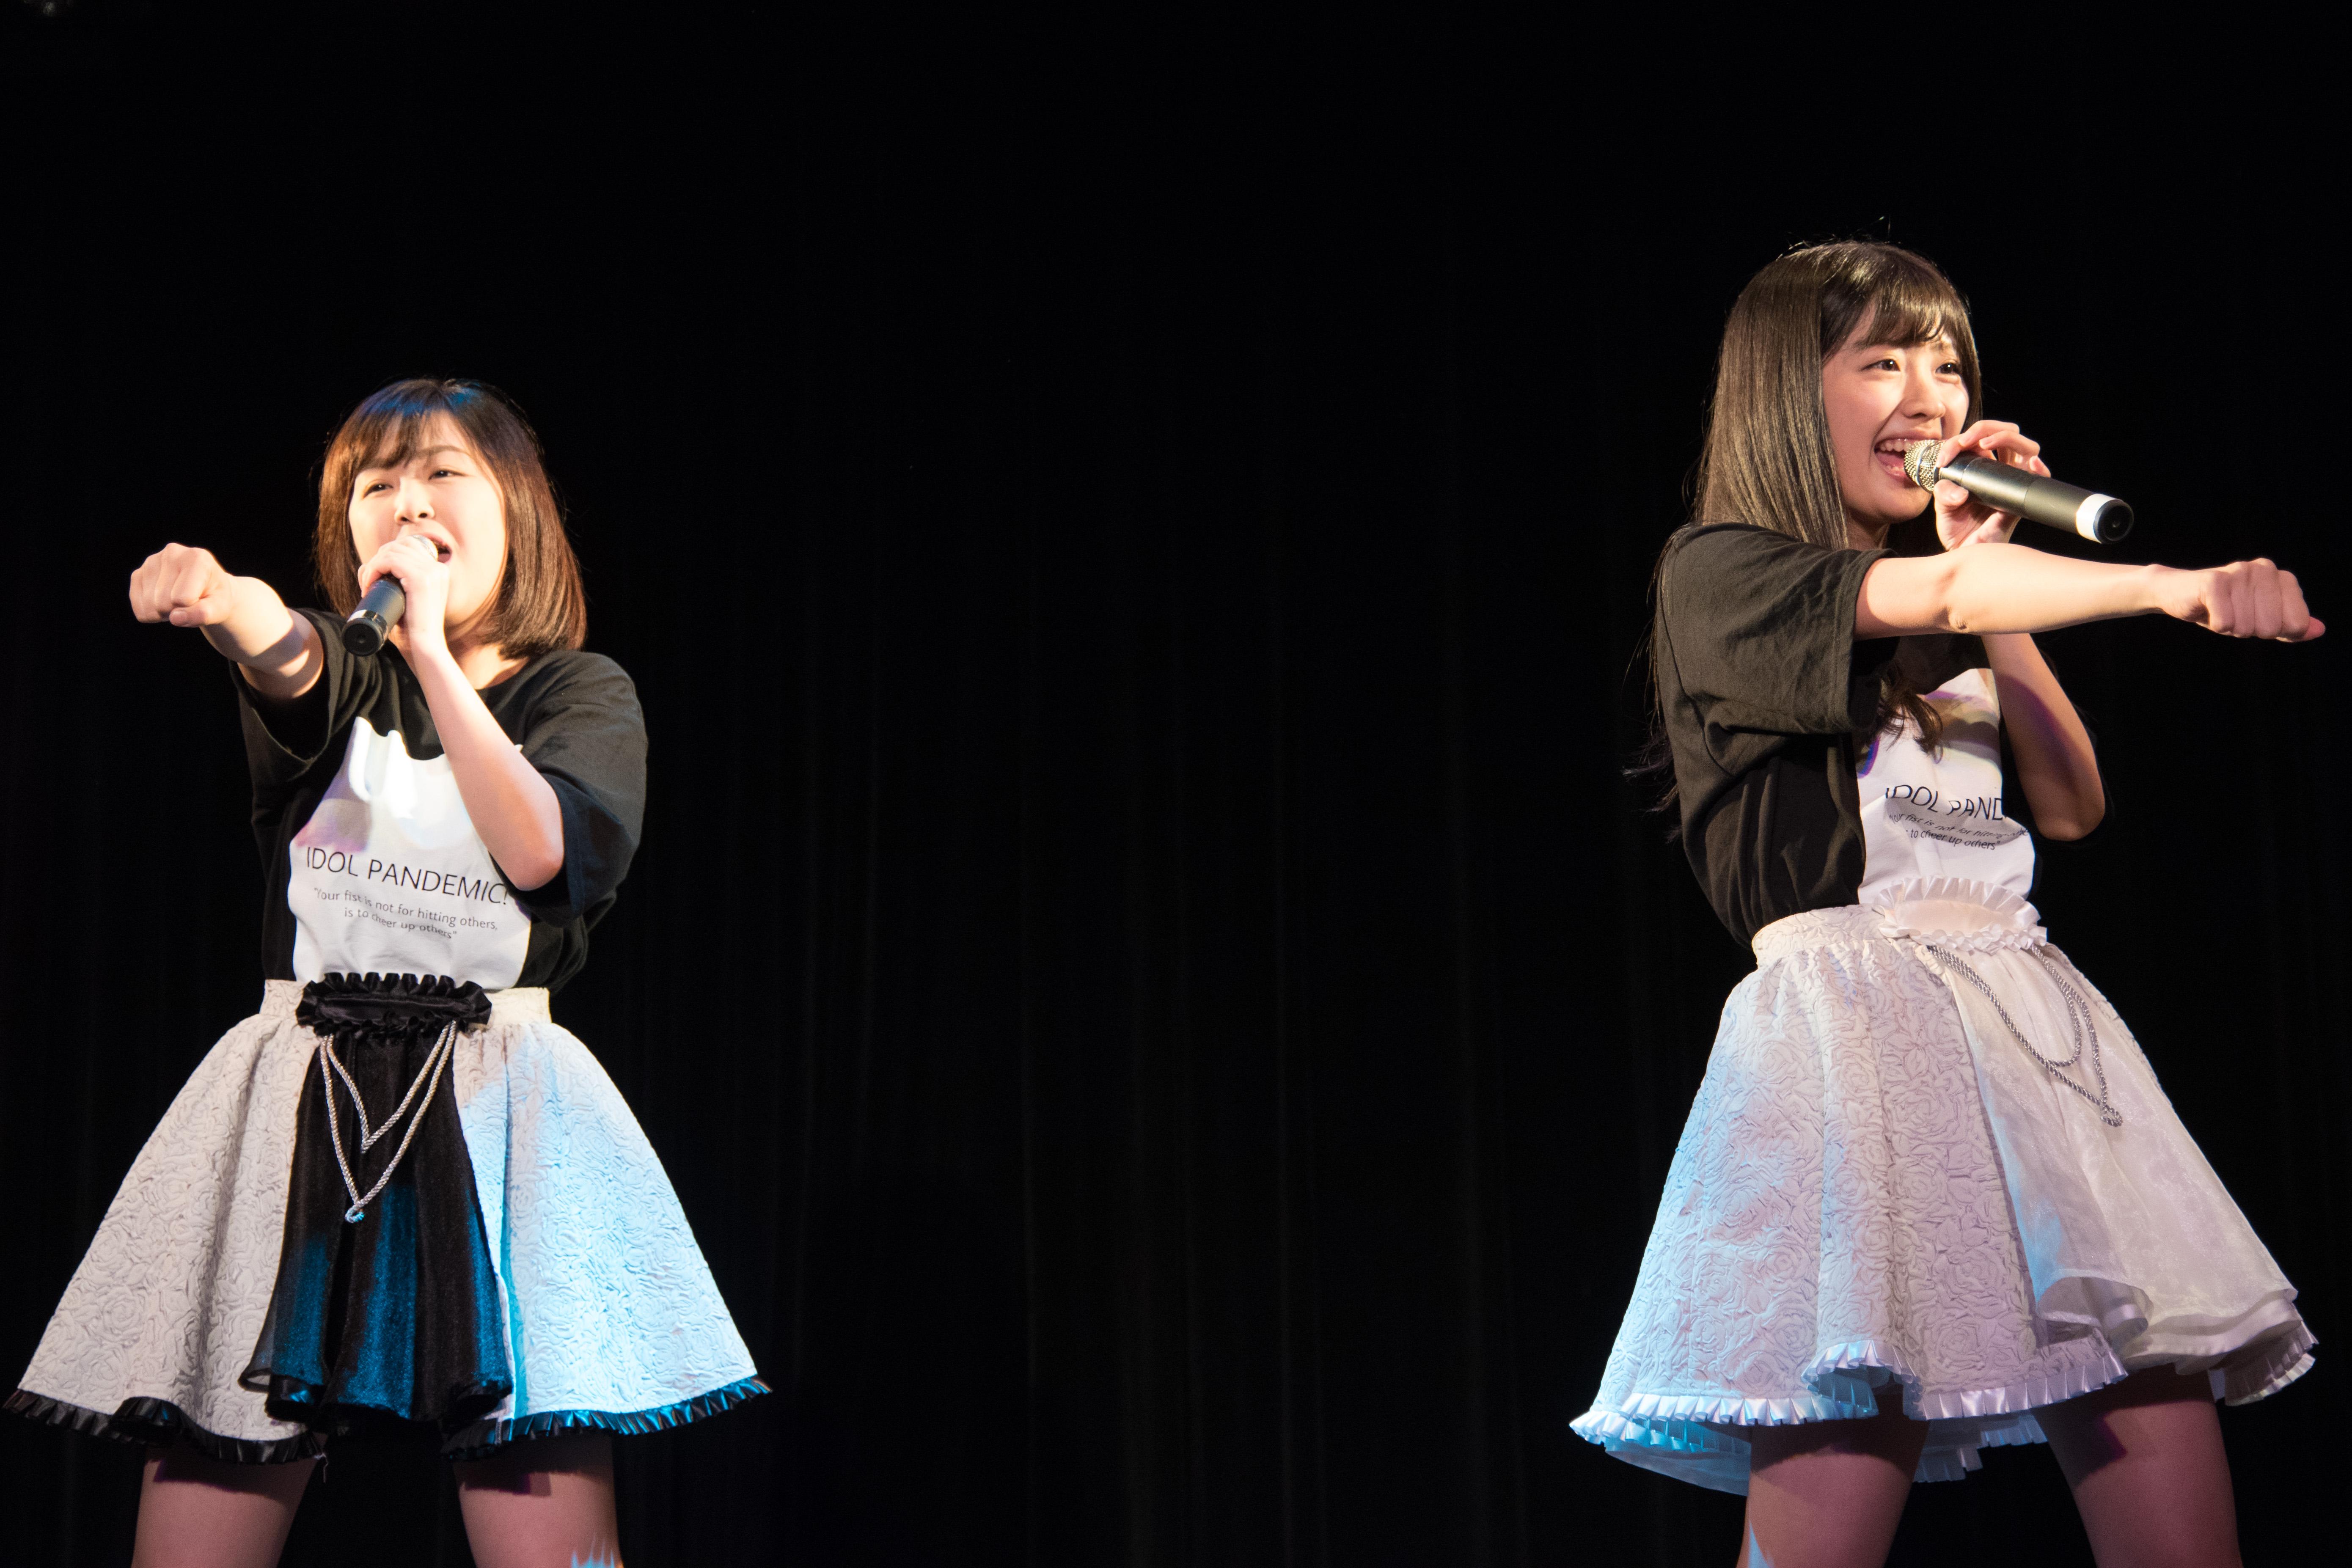 偶像ぱんでみっく/6月11日@表参道GRONUD